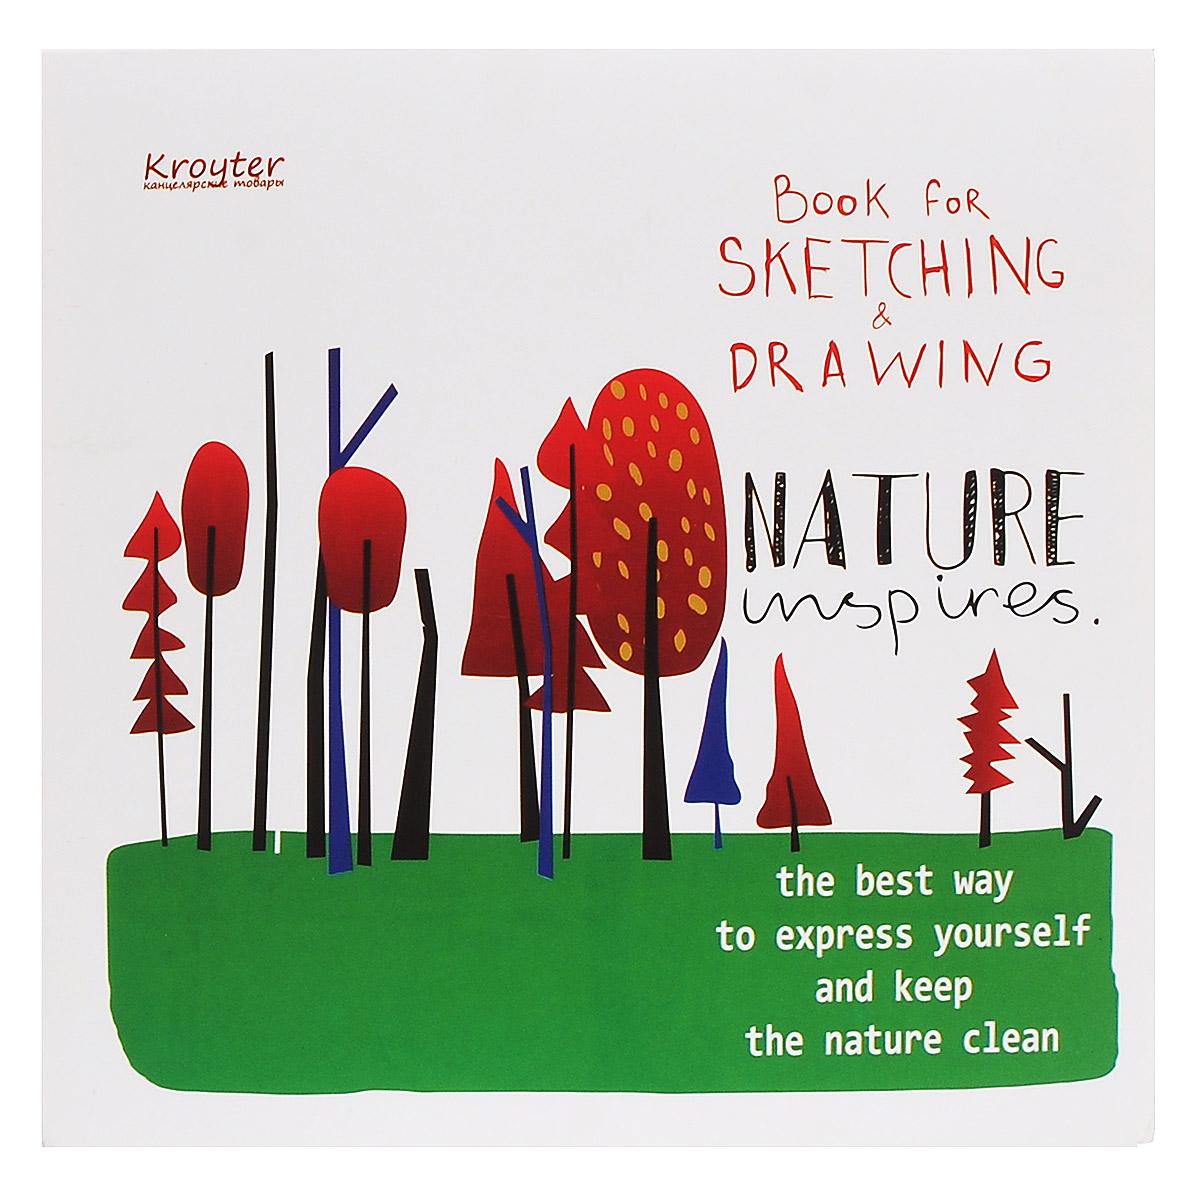 Альбом для эскизов Kroyter, 20 х 20 см, 60 листов05985Альбом Kroyter предназначен для эскизов и рисования, подходит для работ тушью. Крепление блока - клеевое. Обложка выполнена из высококачественного мелованного картона. Альбом имеет стильный, современный дизайн. Картонная подложка планшет позволяет рисовать даже на весу.